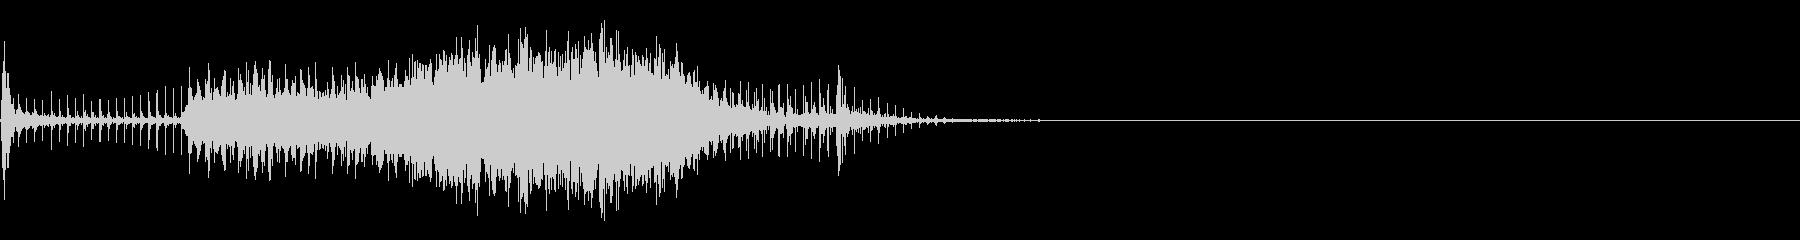 スパーク音-18の未再生の波形